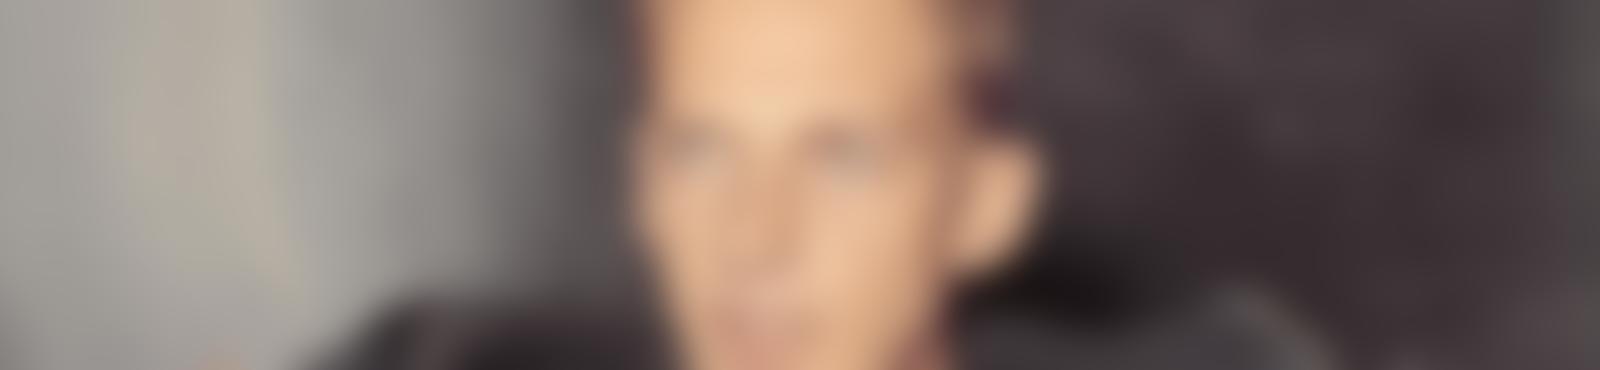 Blurred 6e5a4c82 337e 4c33 94e1 486178fc5fdf